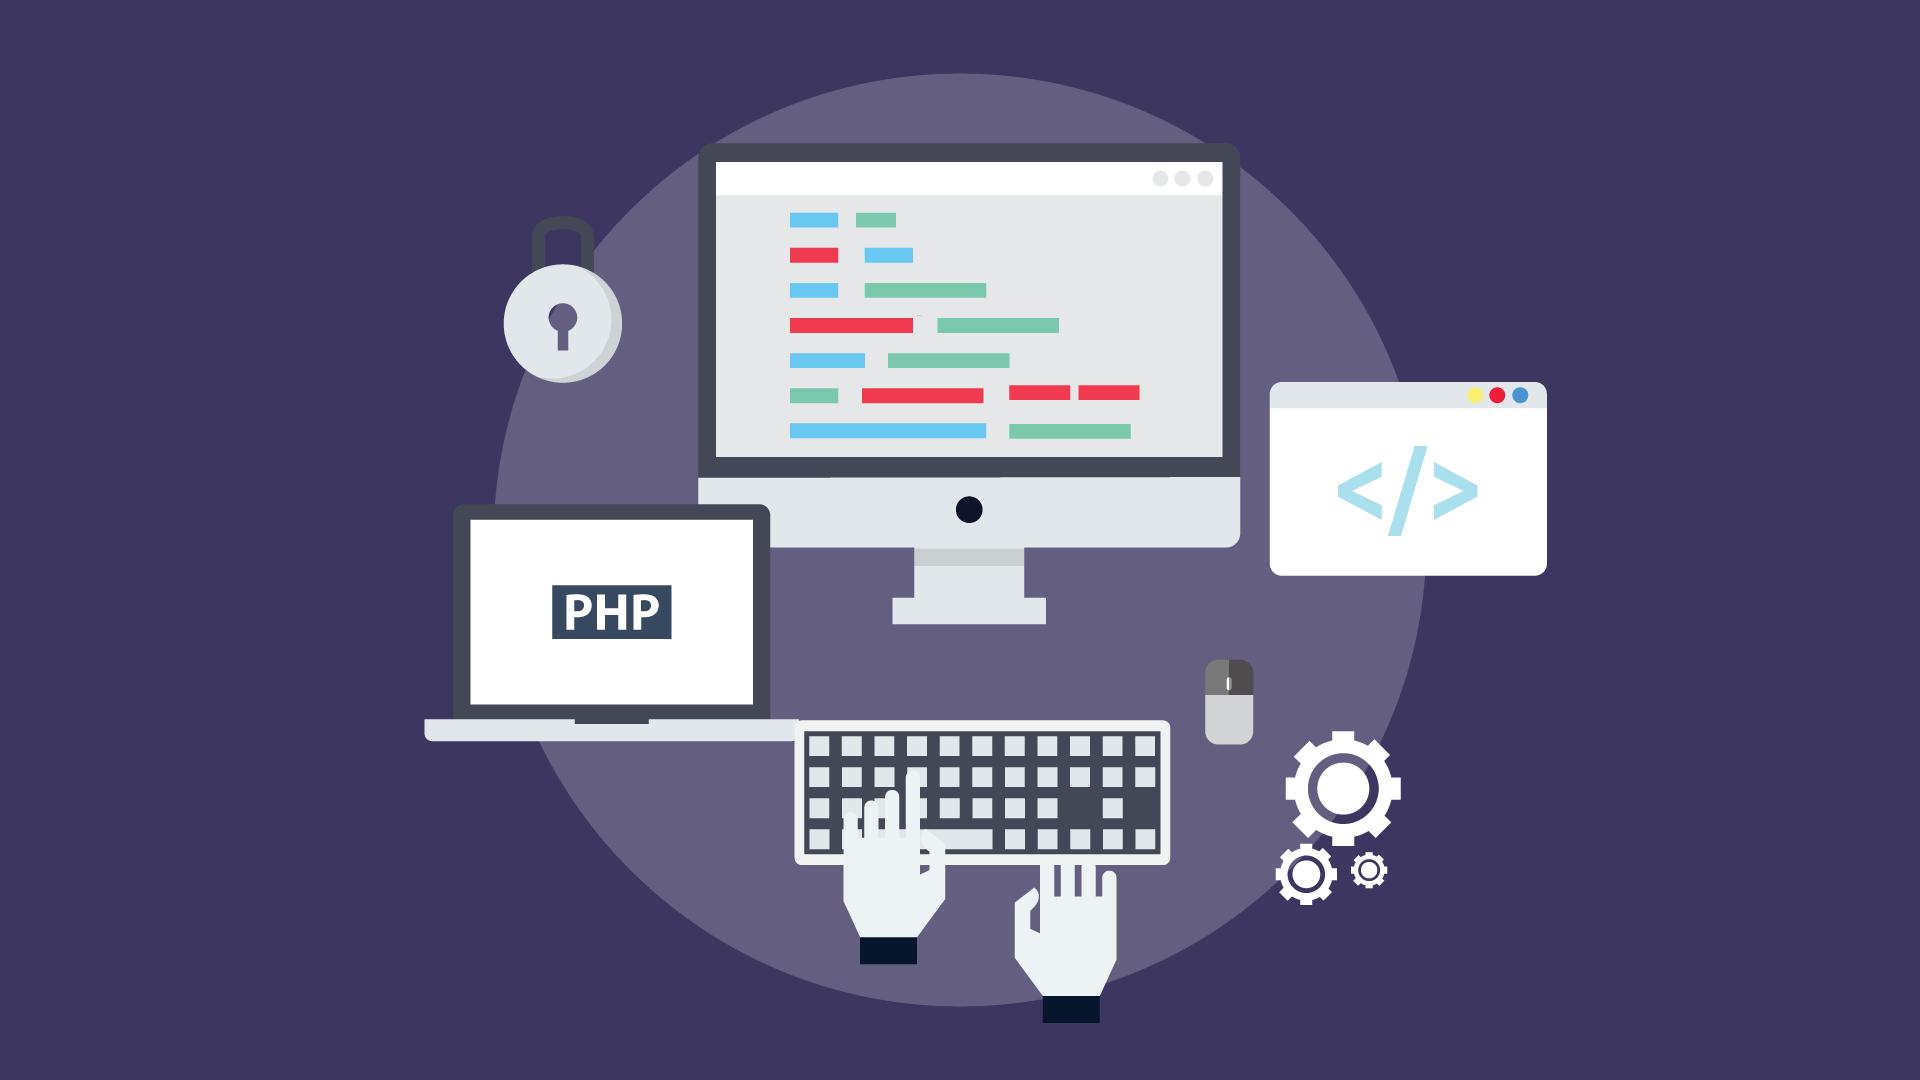 افضل شركة لتصميم وبرمجة مواقع PHP 1 CodeShip